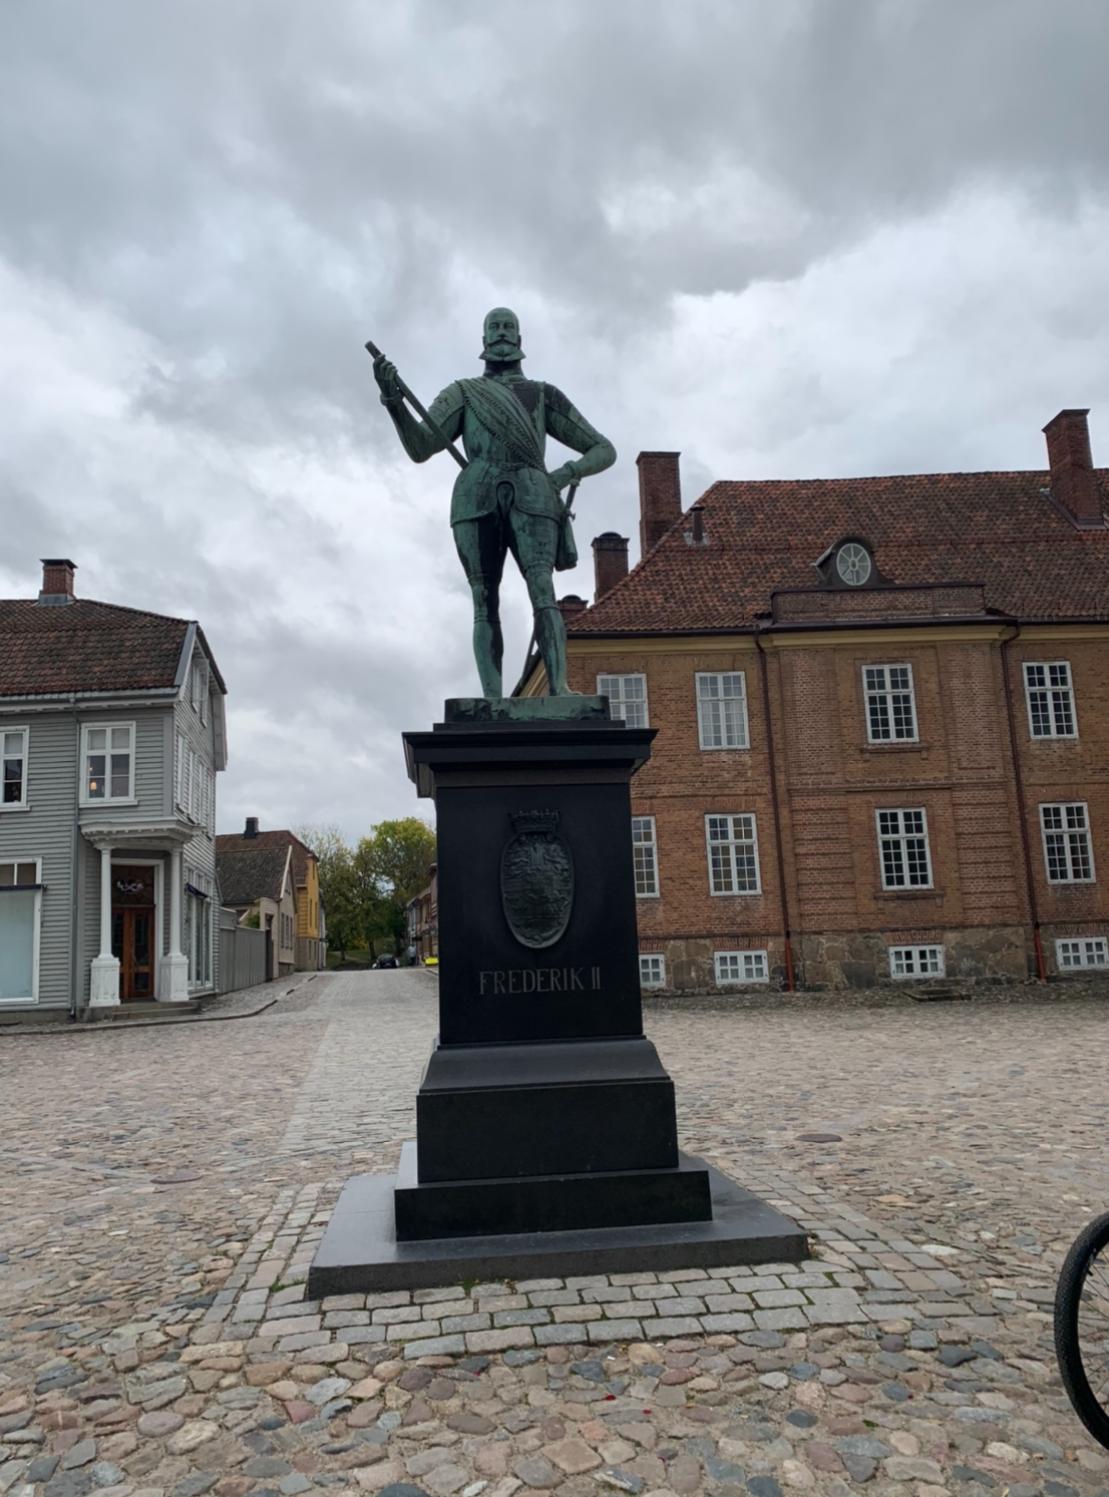 Ausflug nach Frederikstad